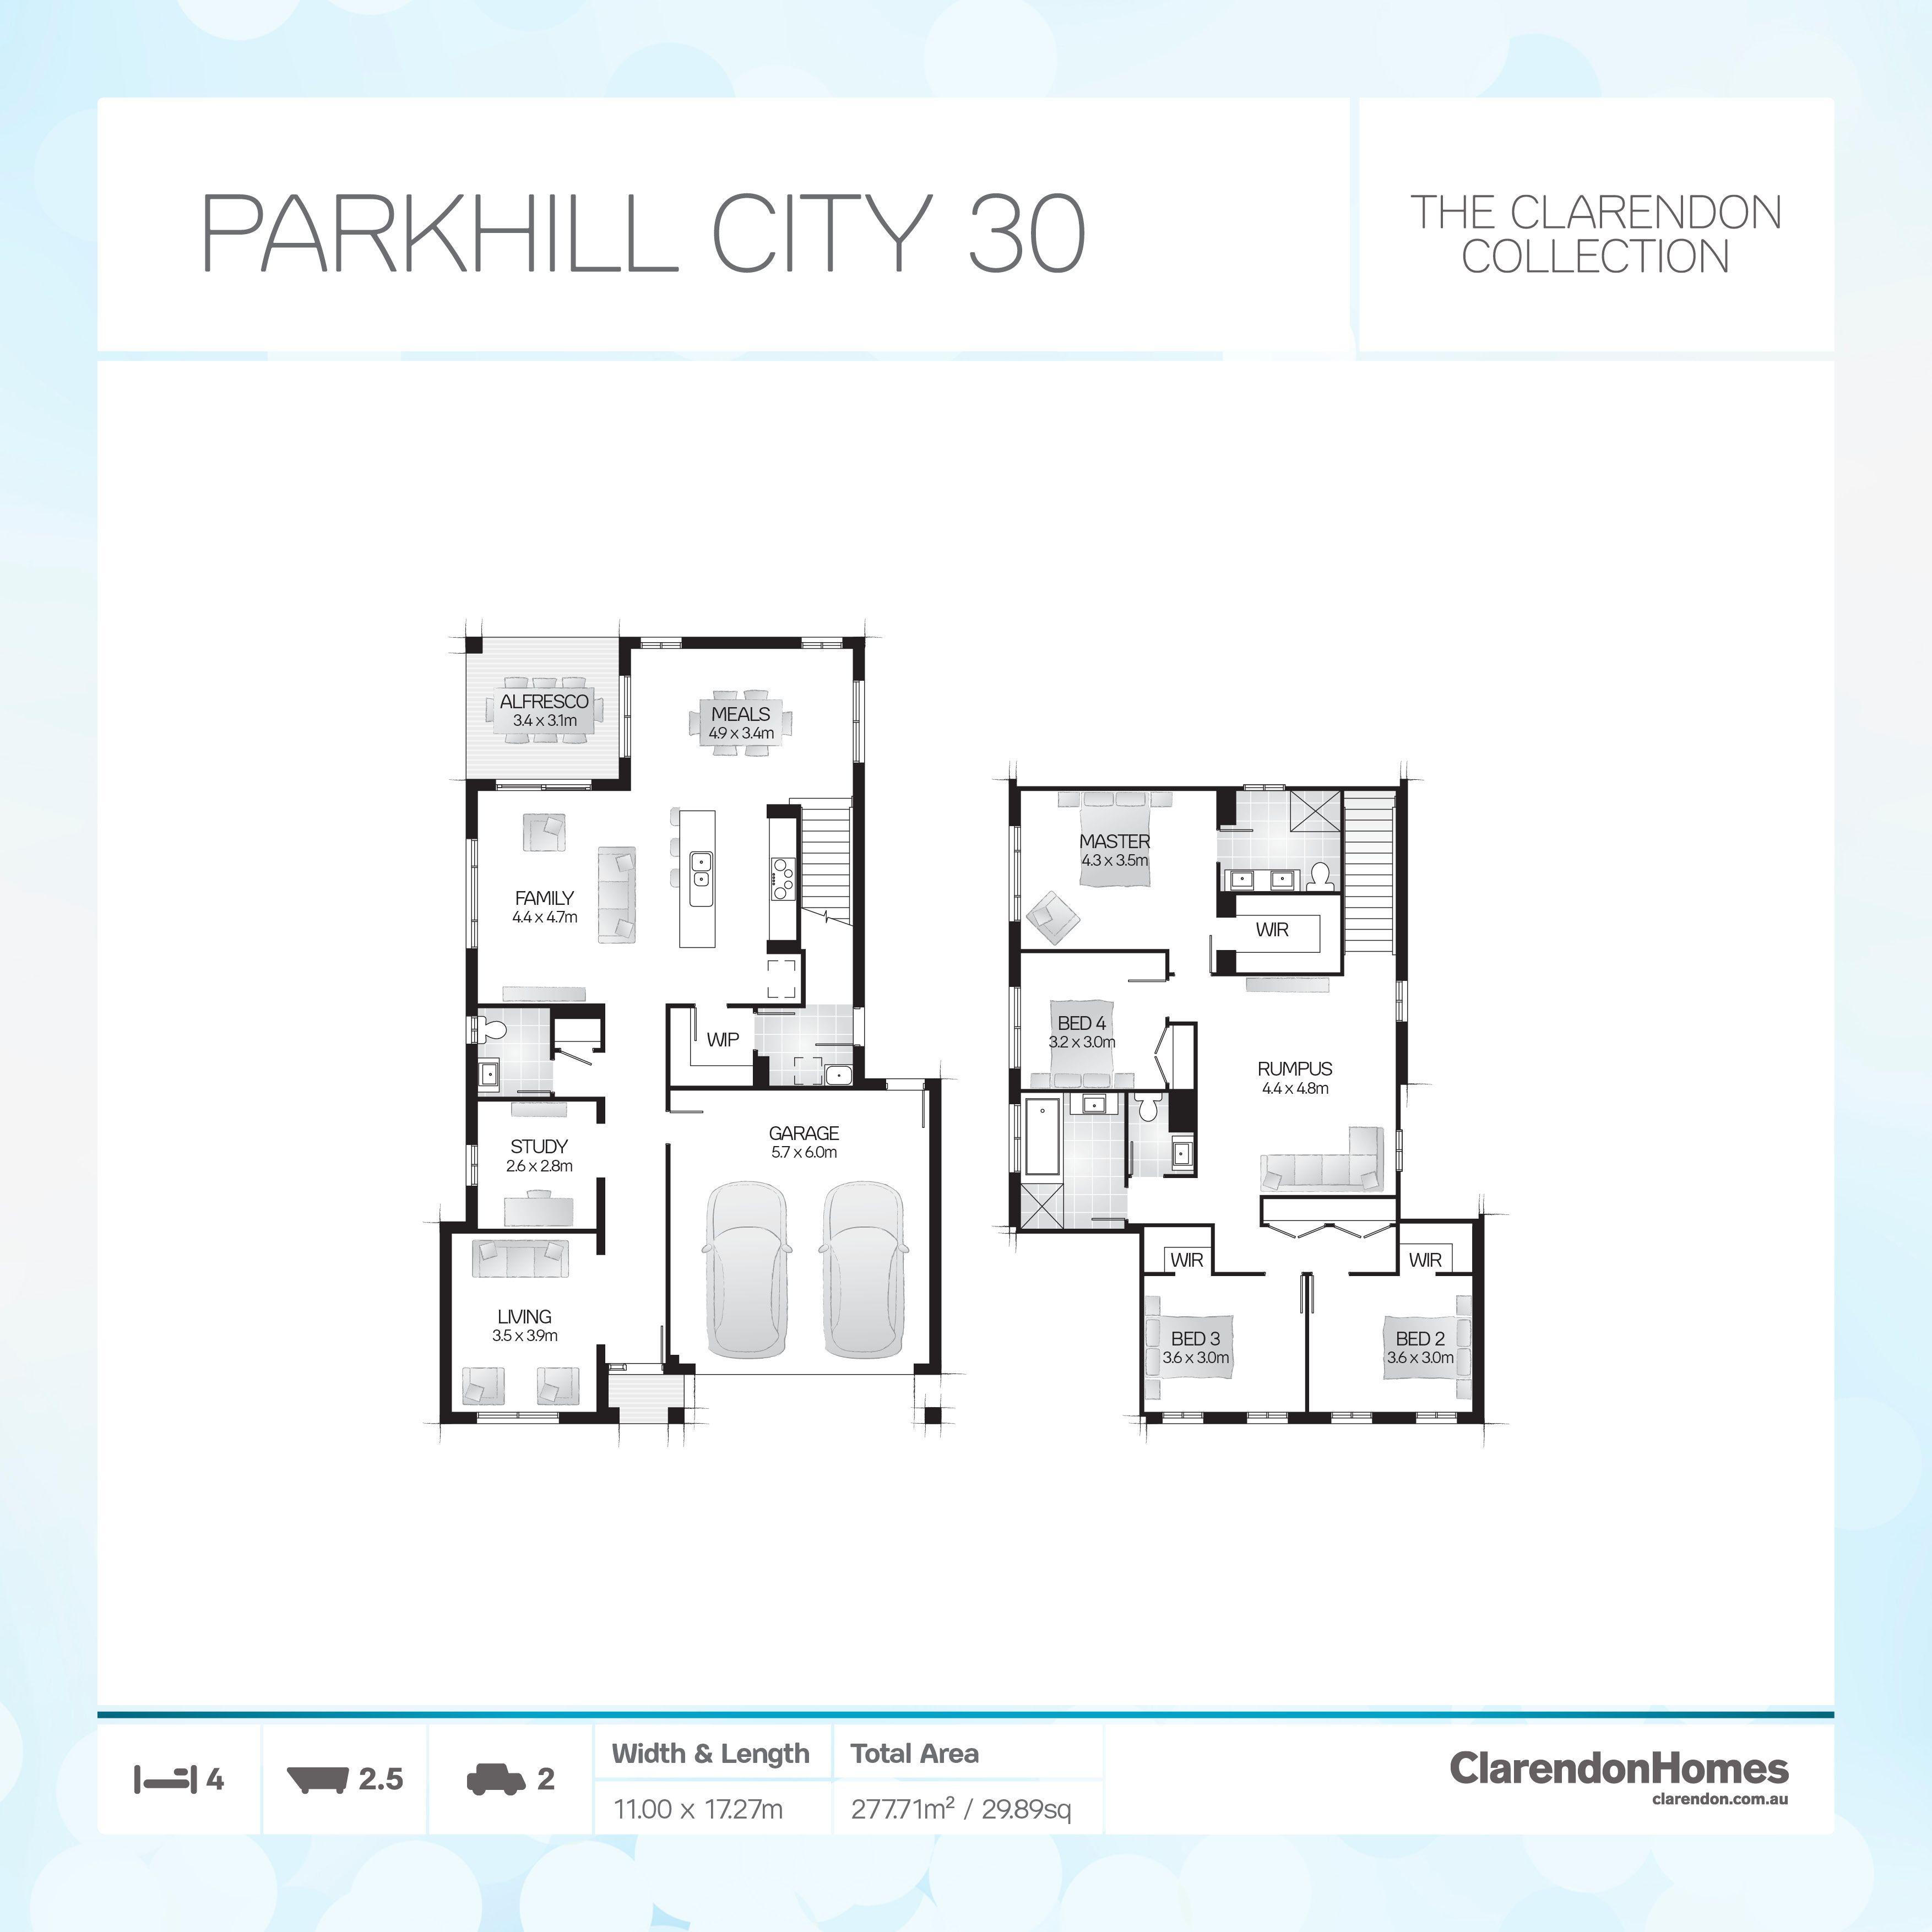 Clarendon Homes - City. Parkhill City 30. Sanctuary & Surprise - a ...